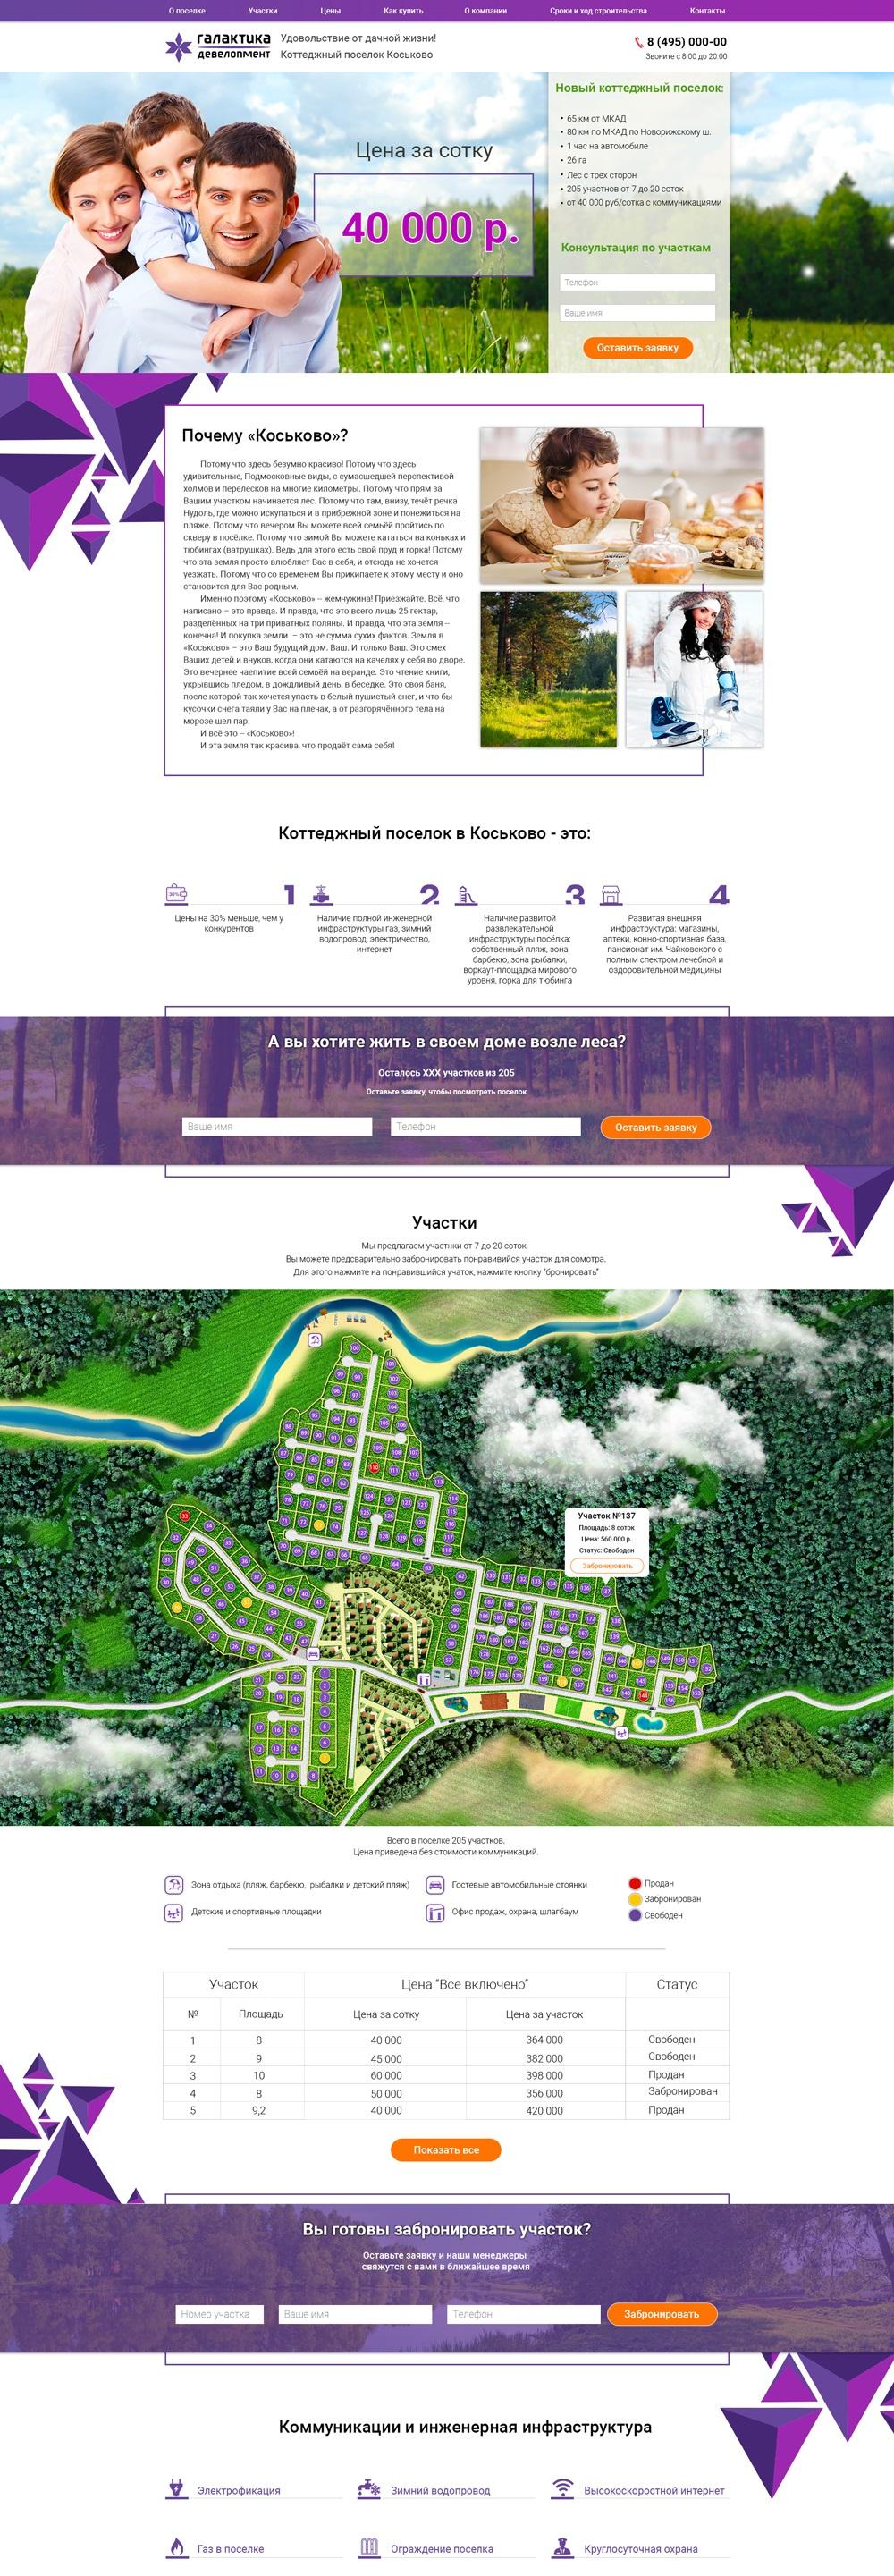 Проектирование и дизайн лендинга по продаже земельных участков